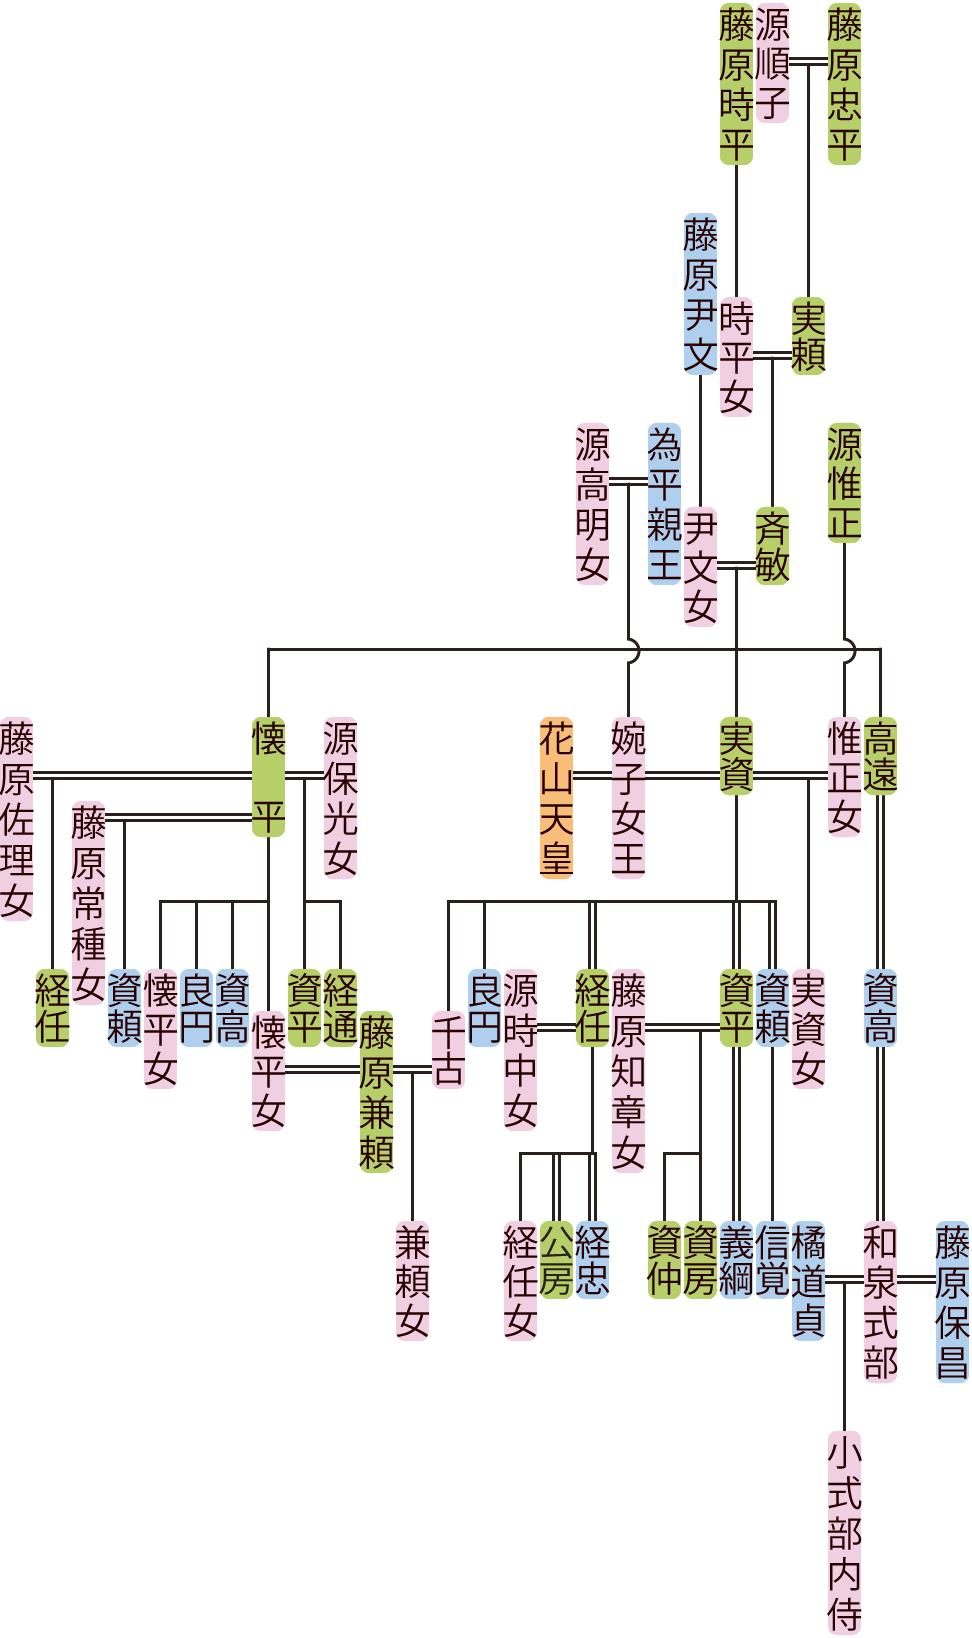 藤原斉敏の系図